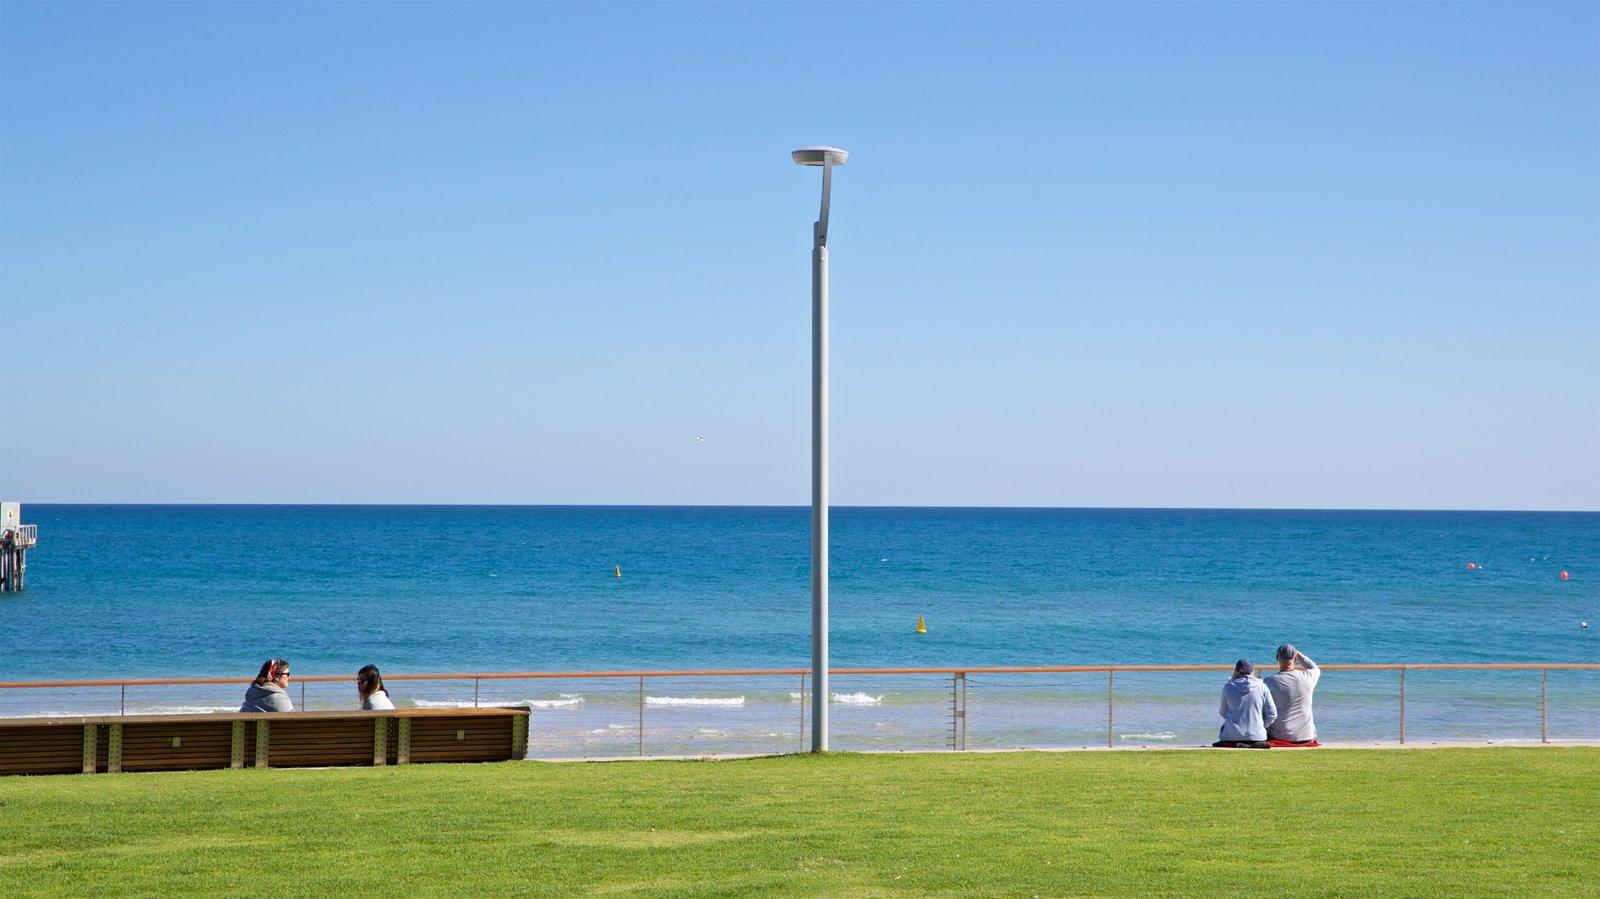 Playa Henley ofreciendo un jardín y vistas generales de la costa